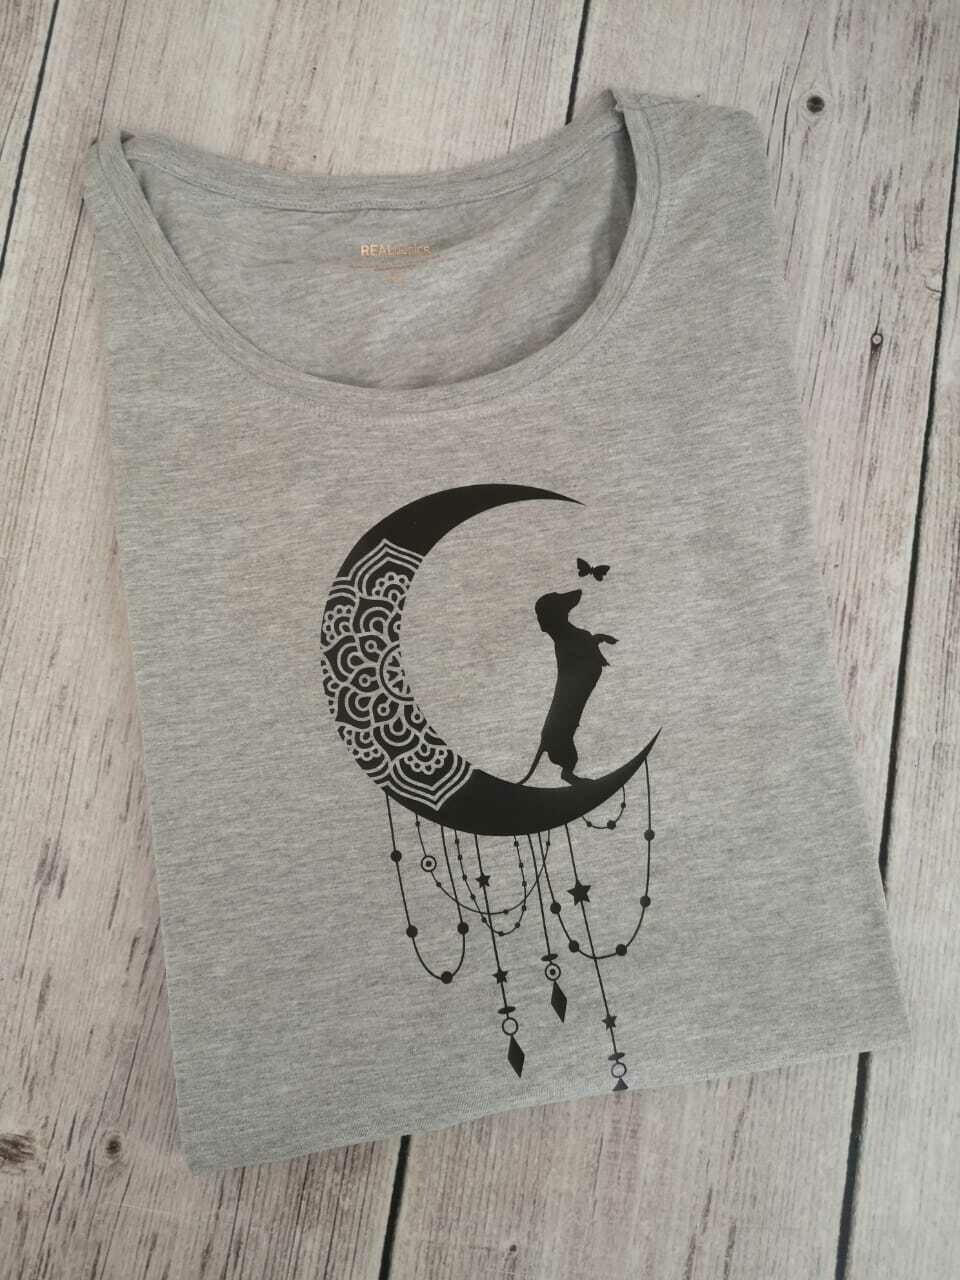 Light Grey Long Sleeve T-Shirt - Black Print